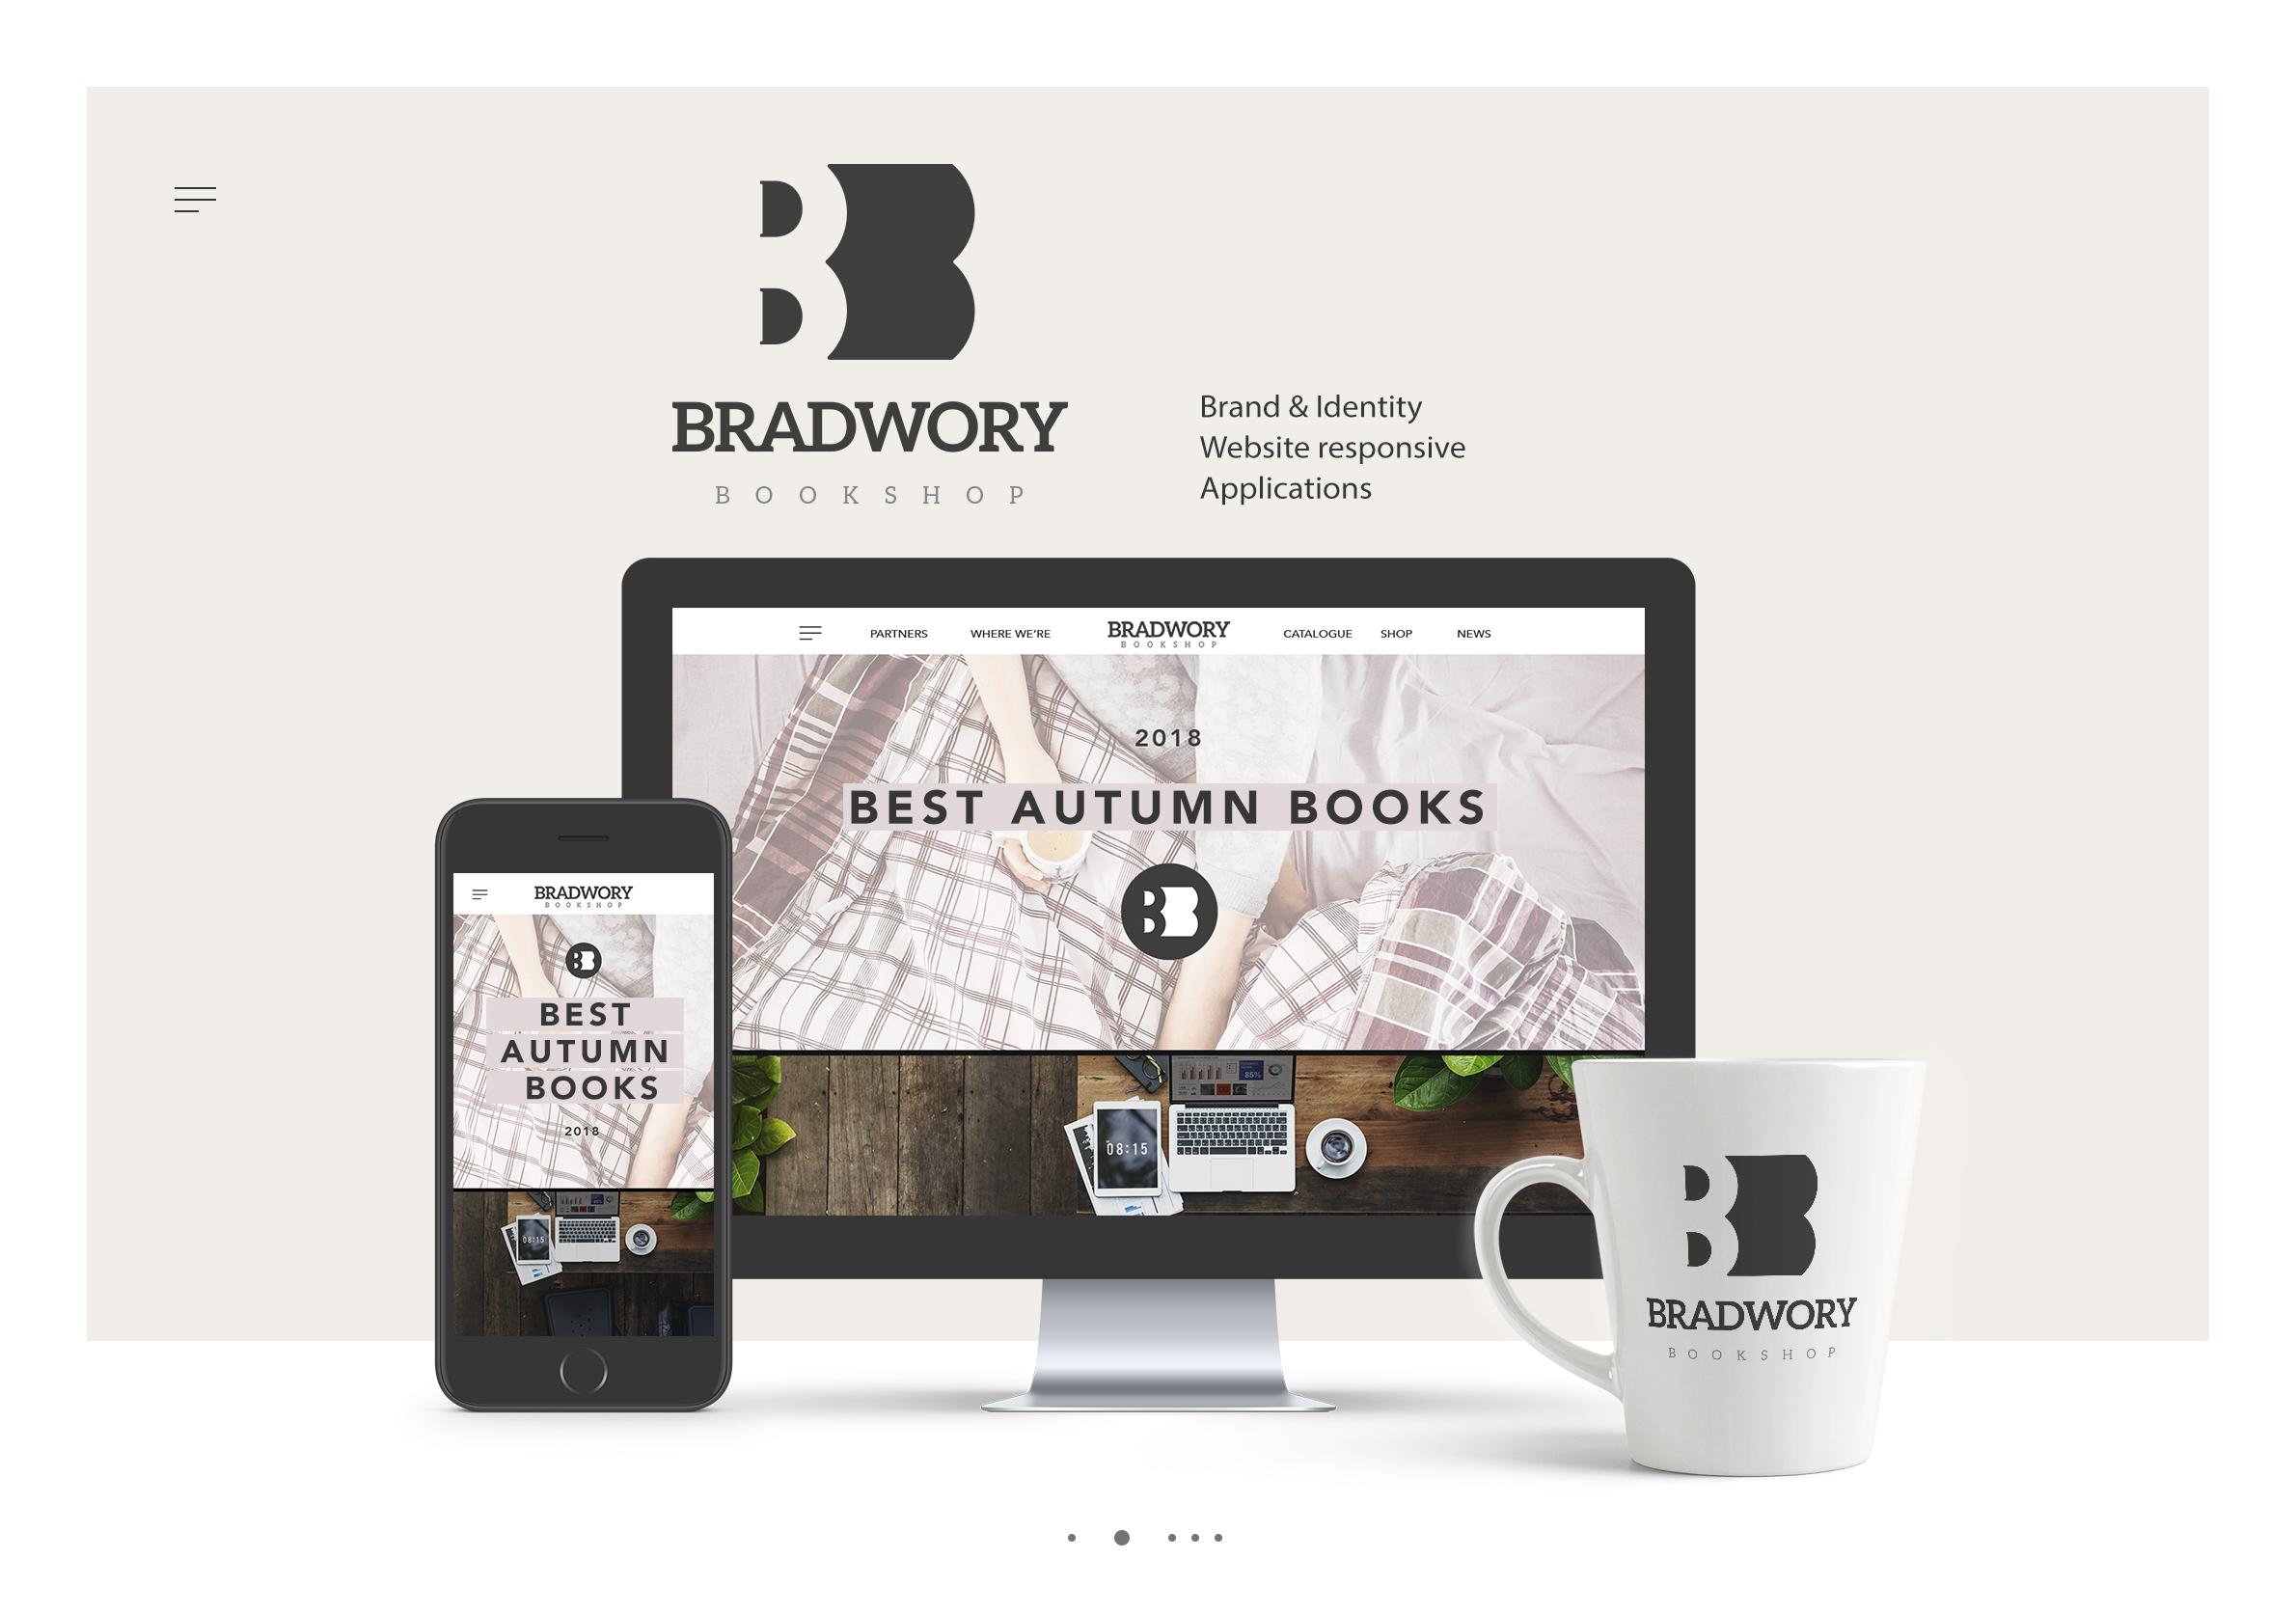 Web design, branding, corporate and visual identity - Logotipo, identidad de marca, identidad visual - diseño grafico - Conmisojos - Fernando Sanchez